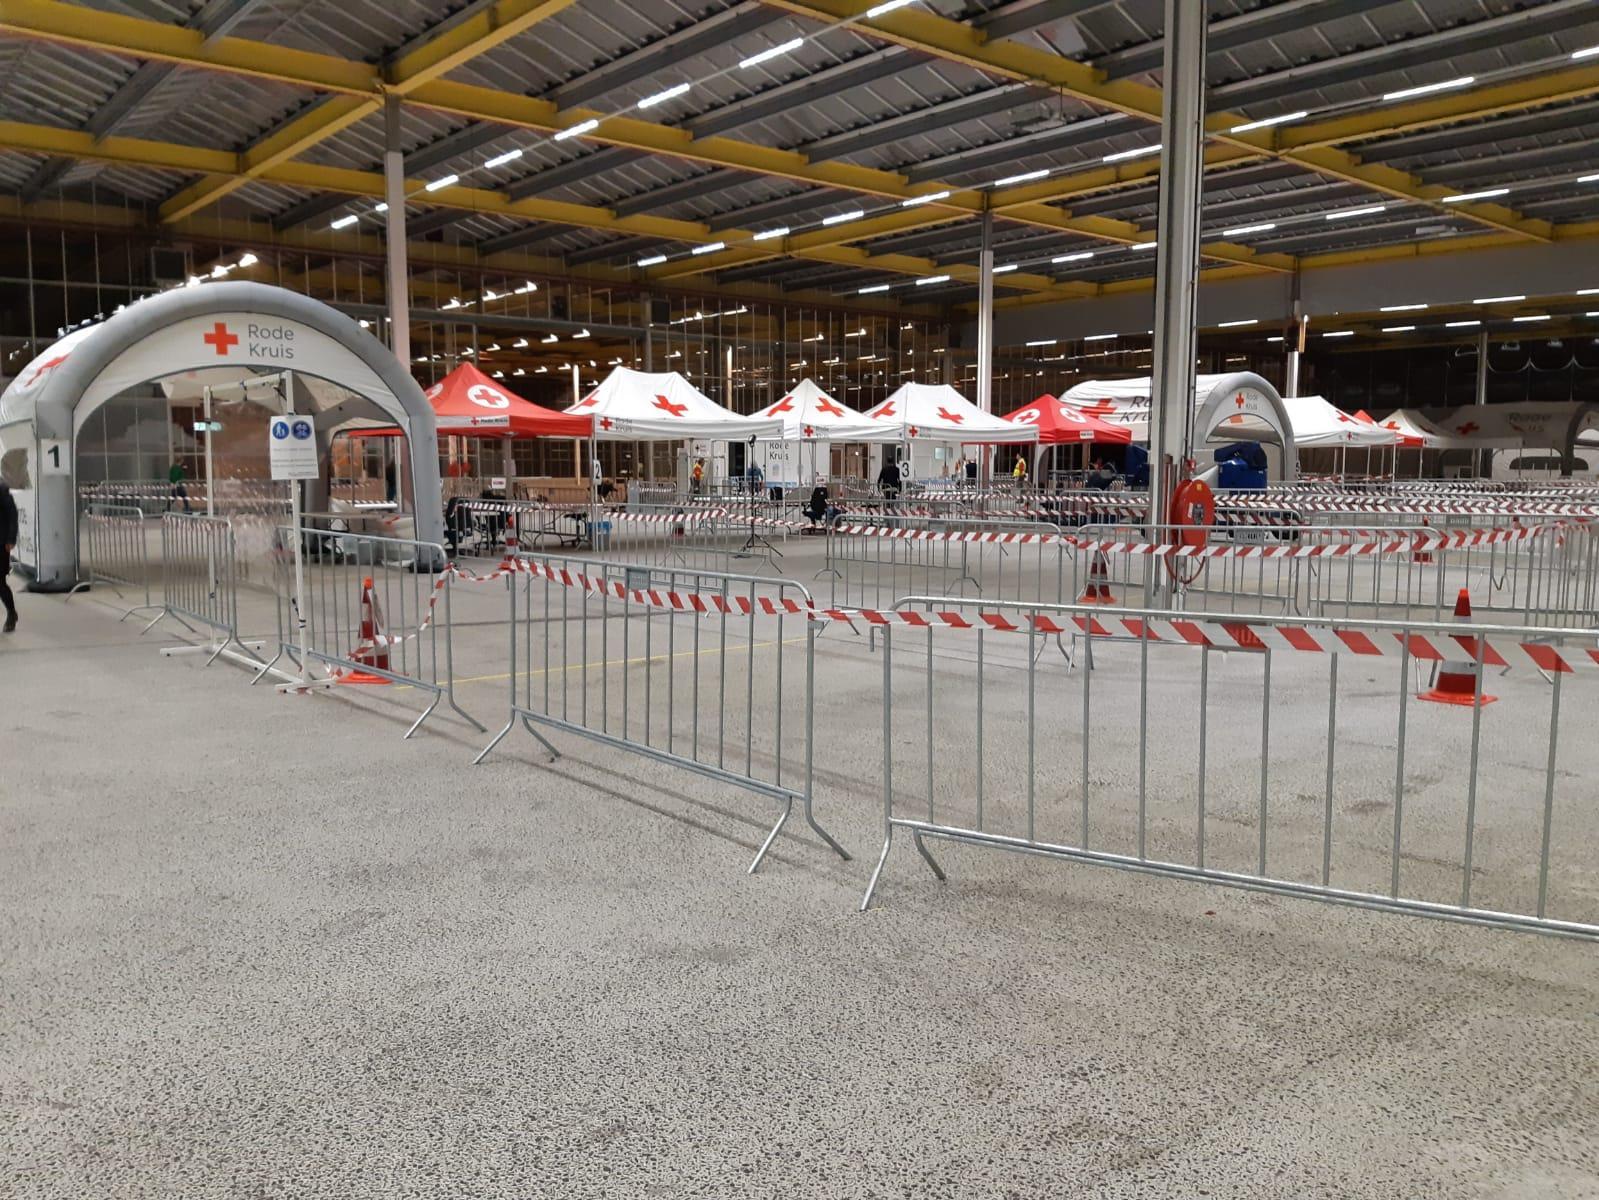 Teststraat Expo Haarlemmermeer uitgebreid, nu een van de grootste coronatestlocaties van het land